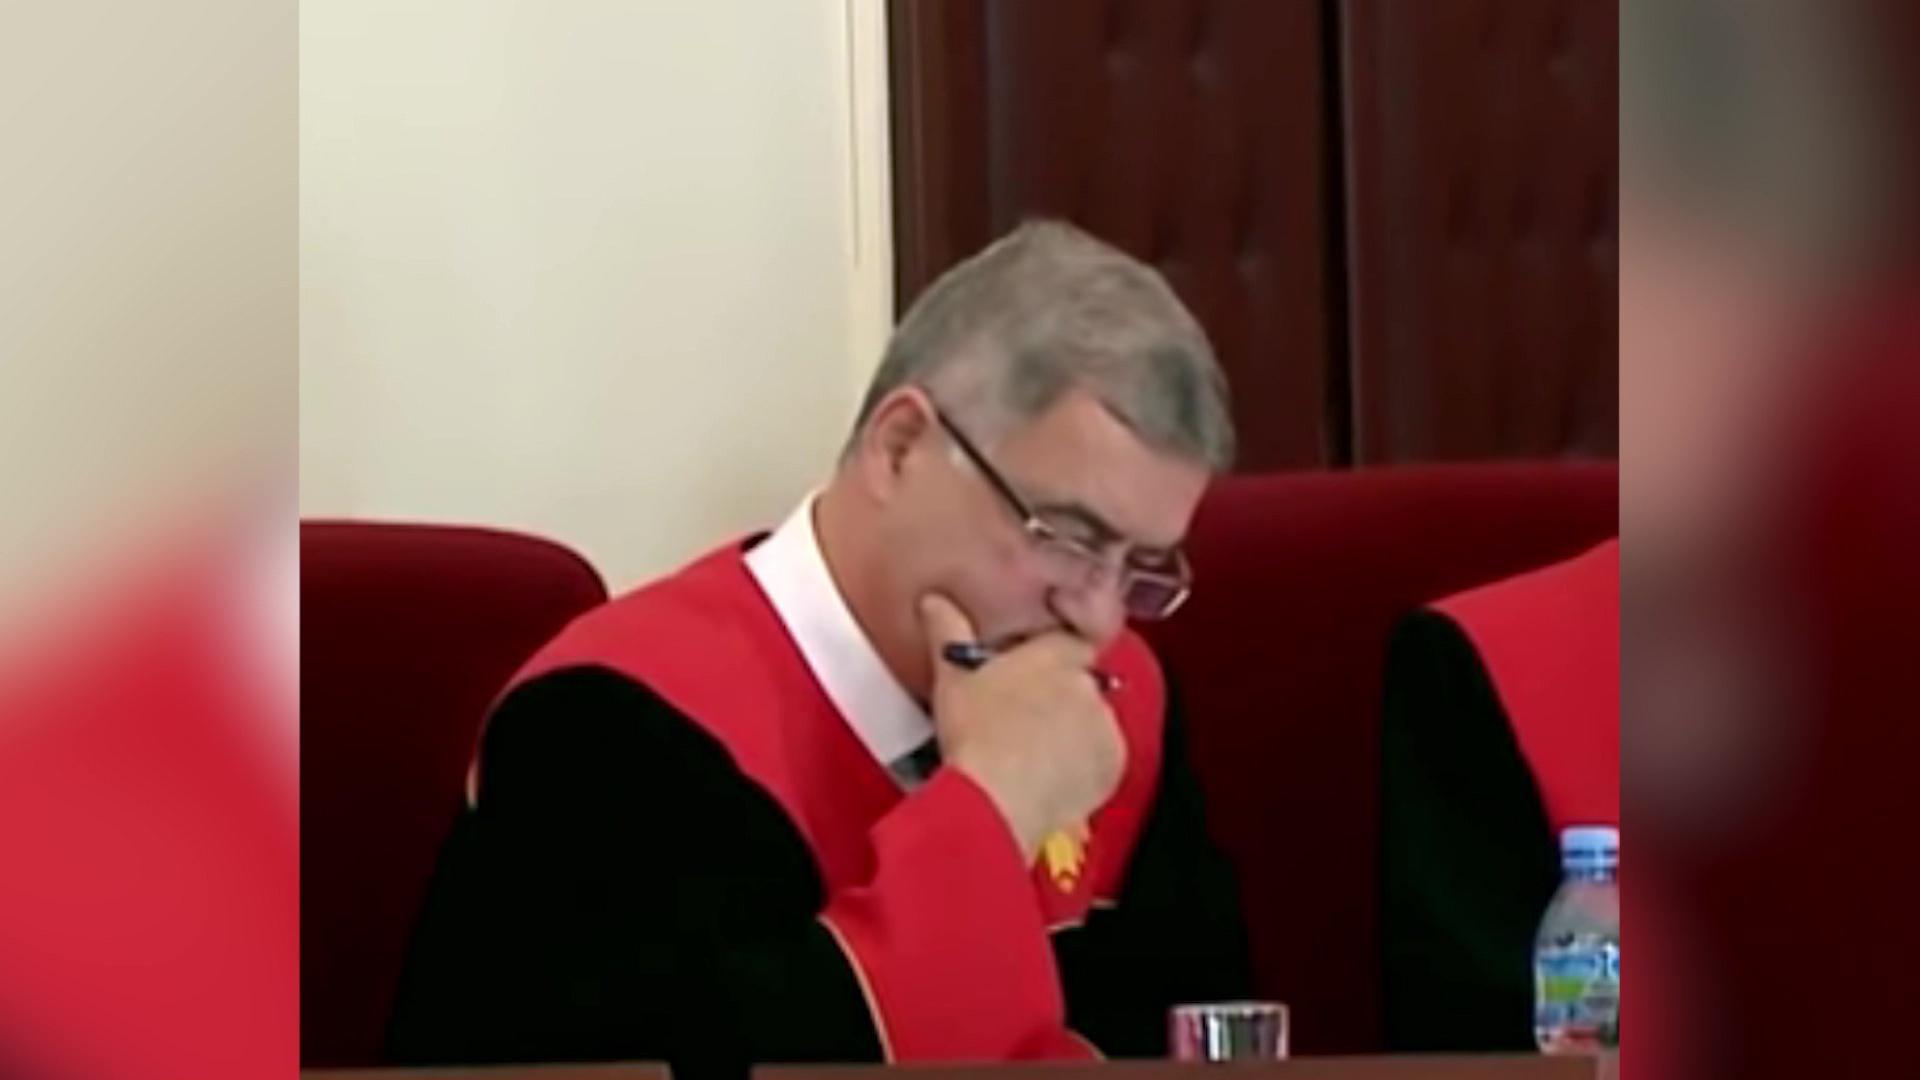 Ndërpritet vettingu për ish-anëtarin e Kushtetueses, Besnik Imeraj